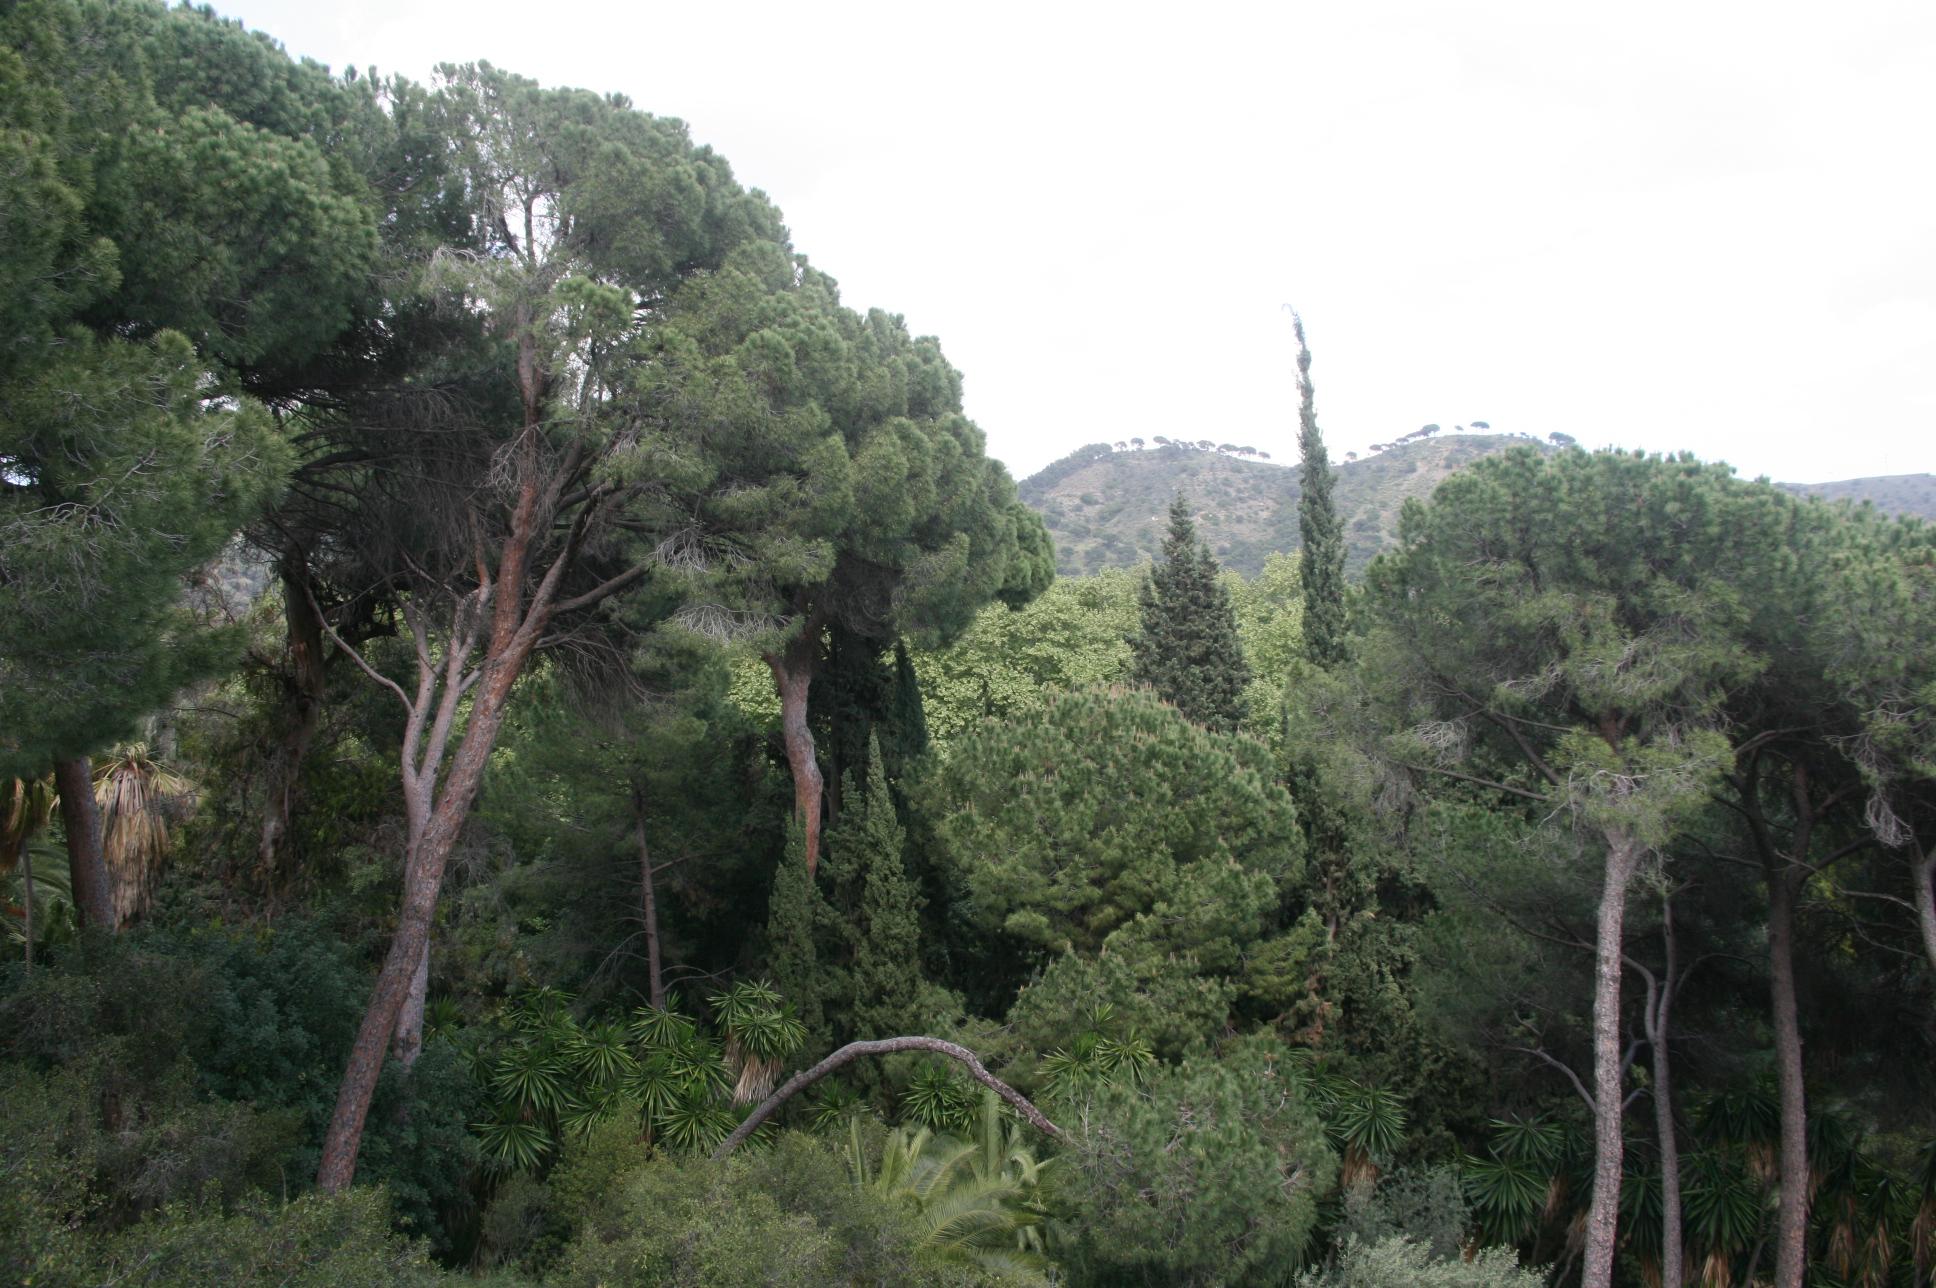 La forêt méditerranéenne avec vue sur le parc naturel des montagnes de Malaga - © J.-F. Coffin